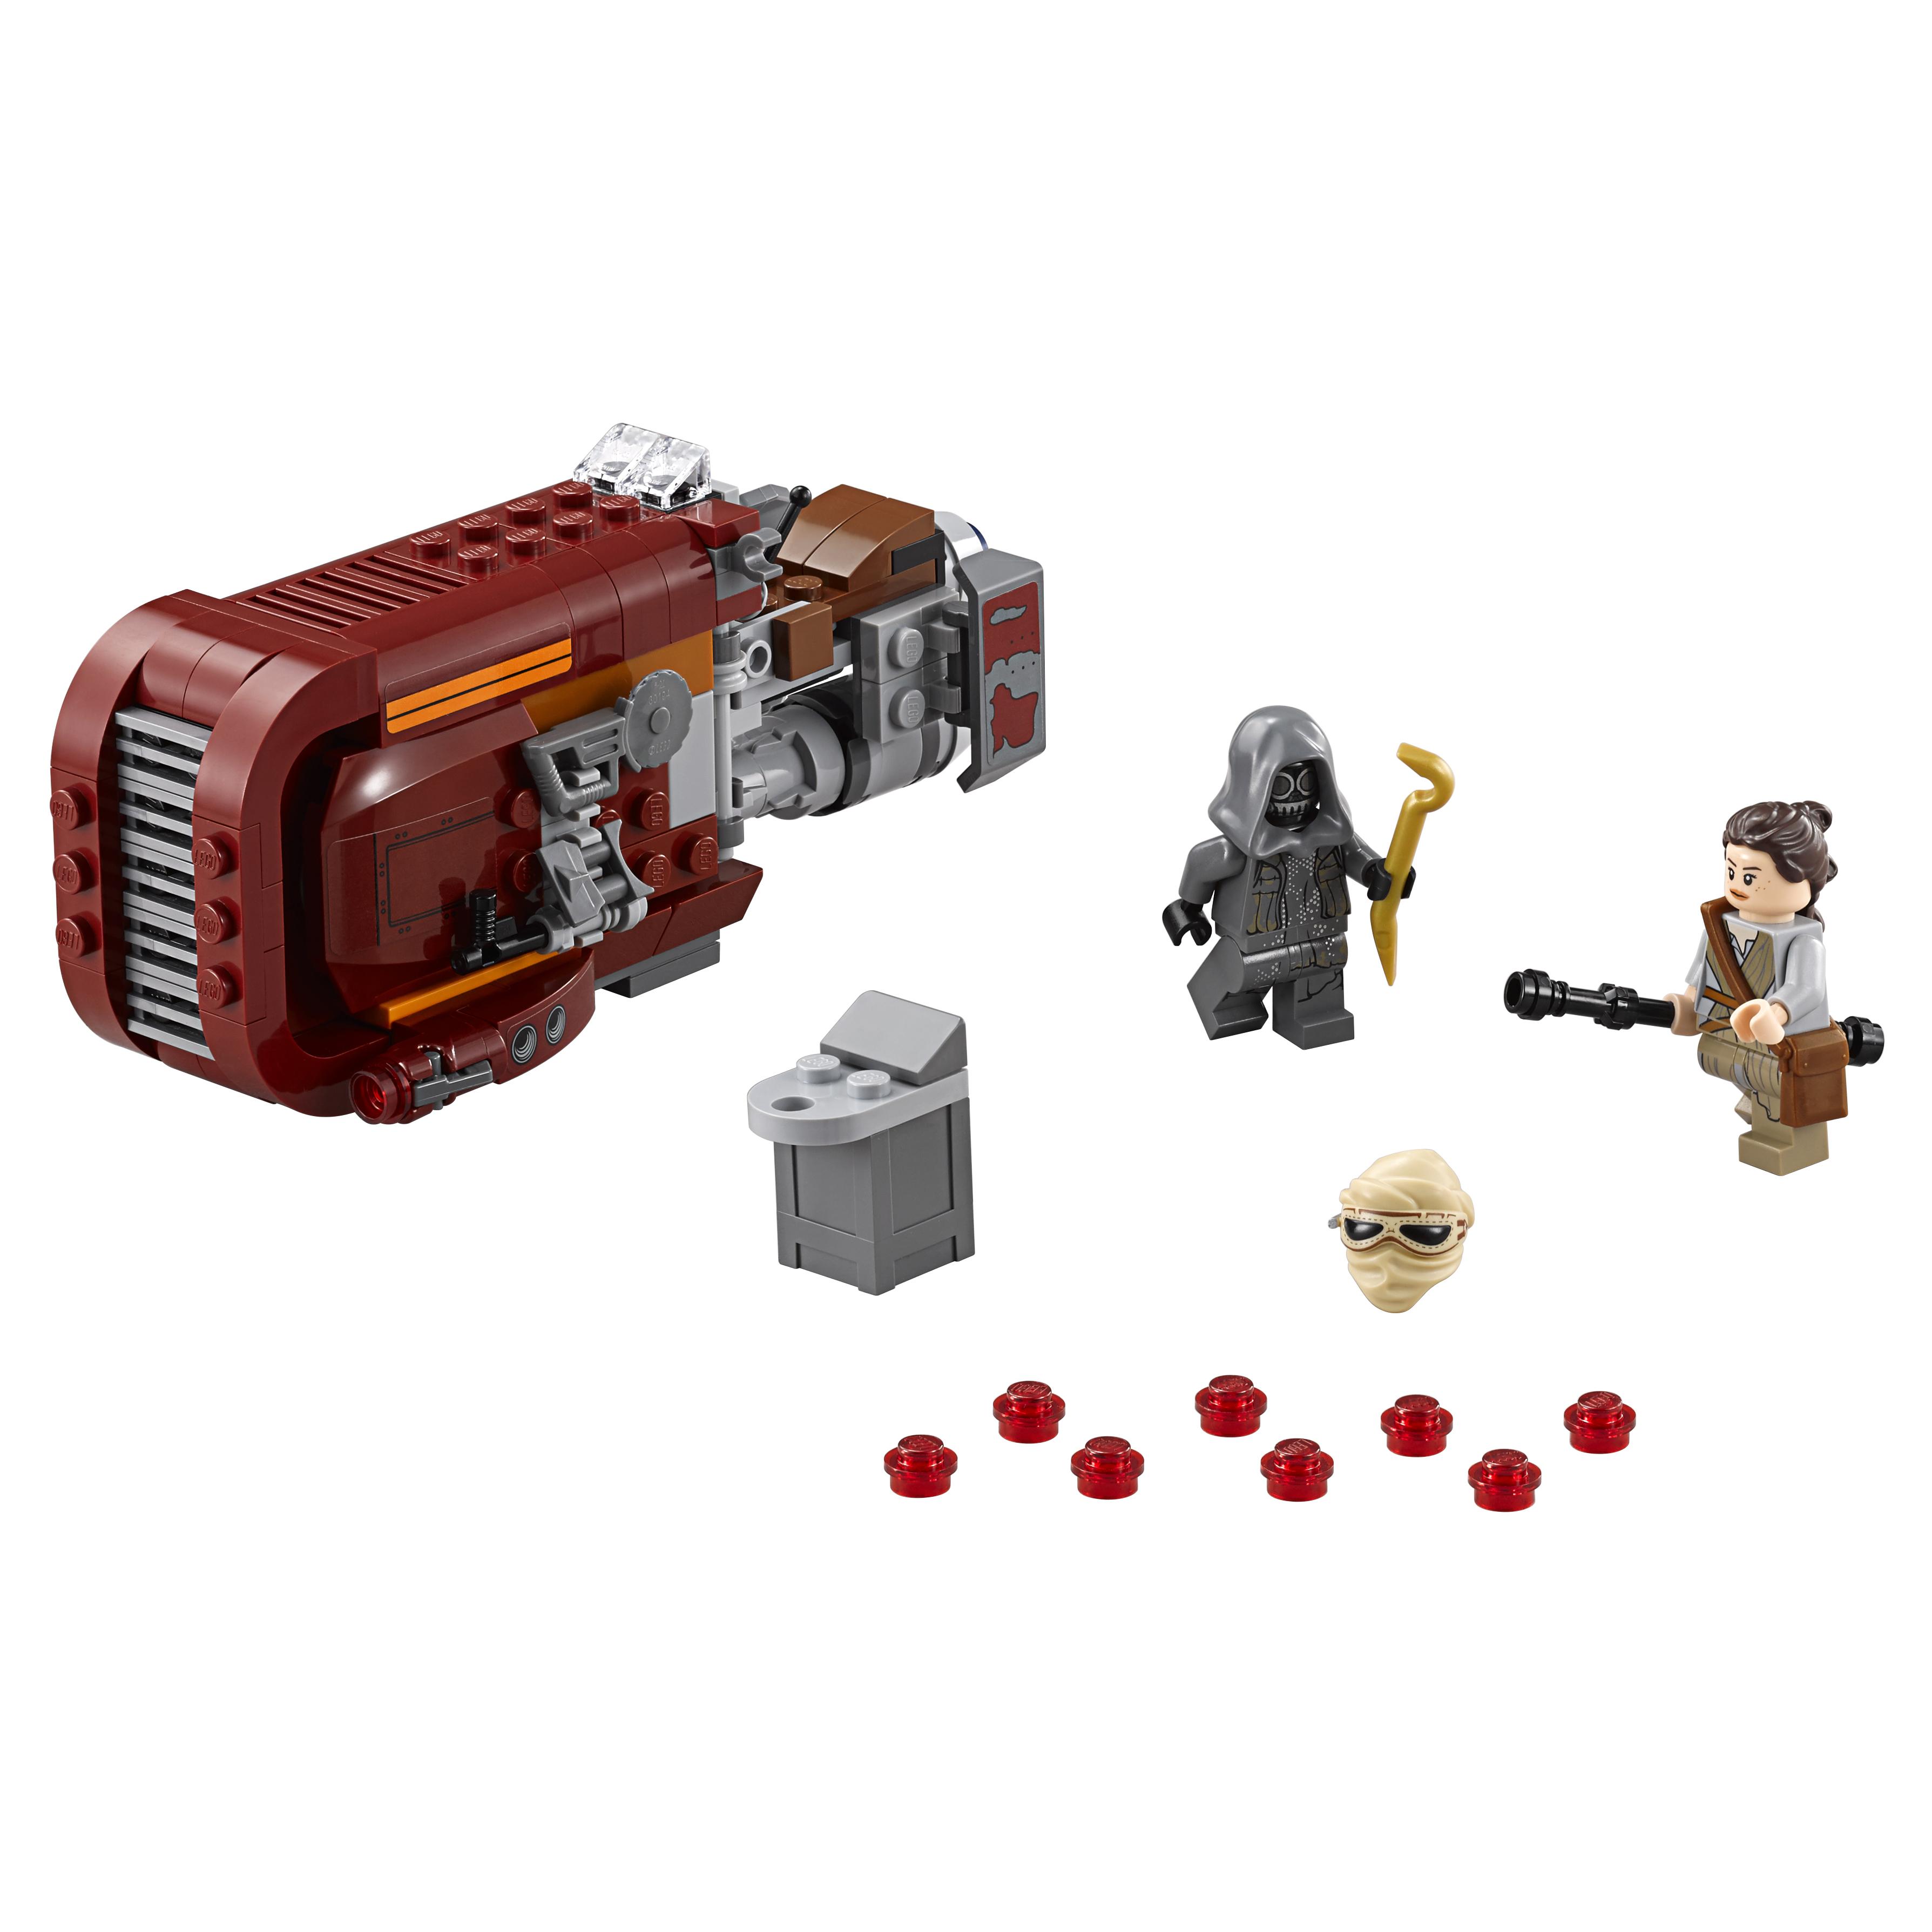 Купить Конструктор lego star wars спидер рей rey's speeder 75099, Конструктор LEGO Star Wars Спидер Рей (Reys Speeder) (75099)